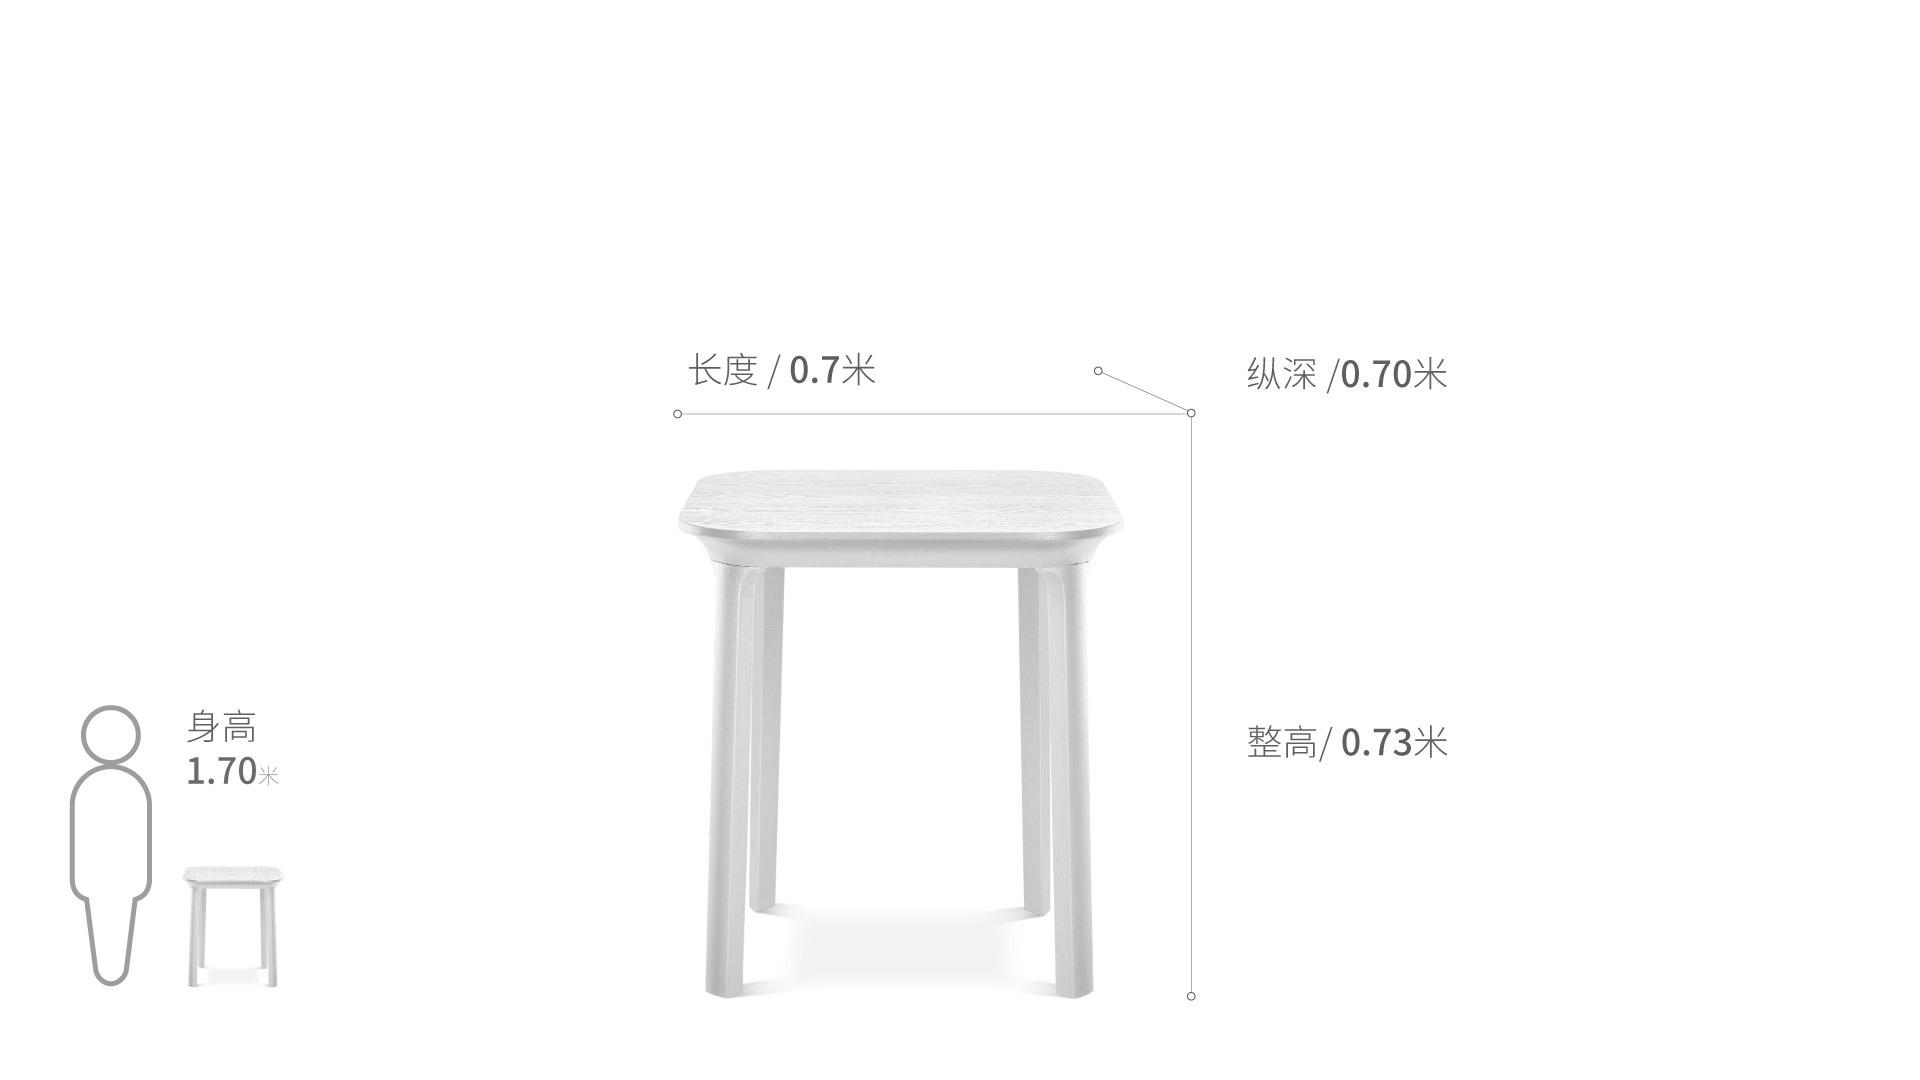 瓦檐餐桌® 0.7/1.3/1.8米方餐桌桌几效果图